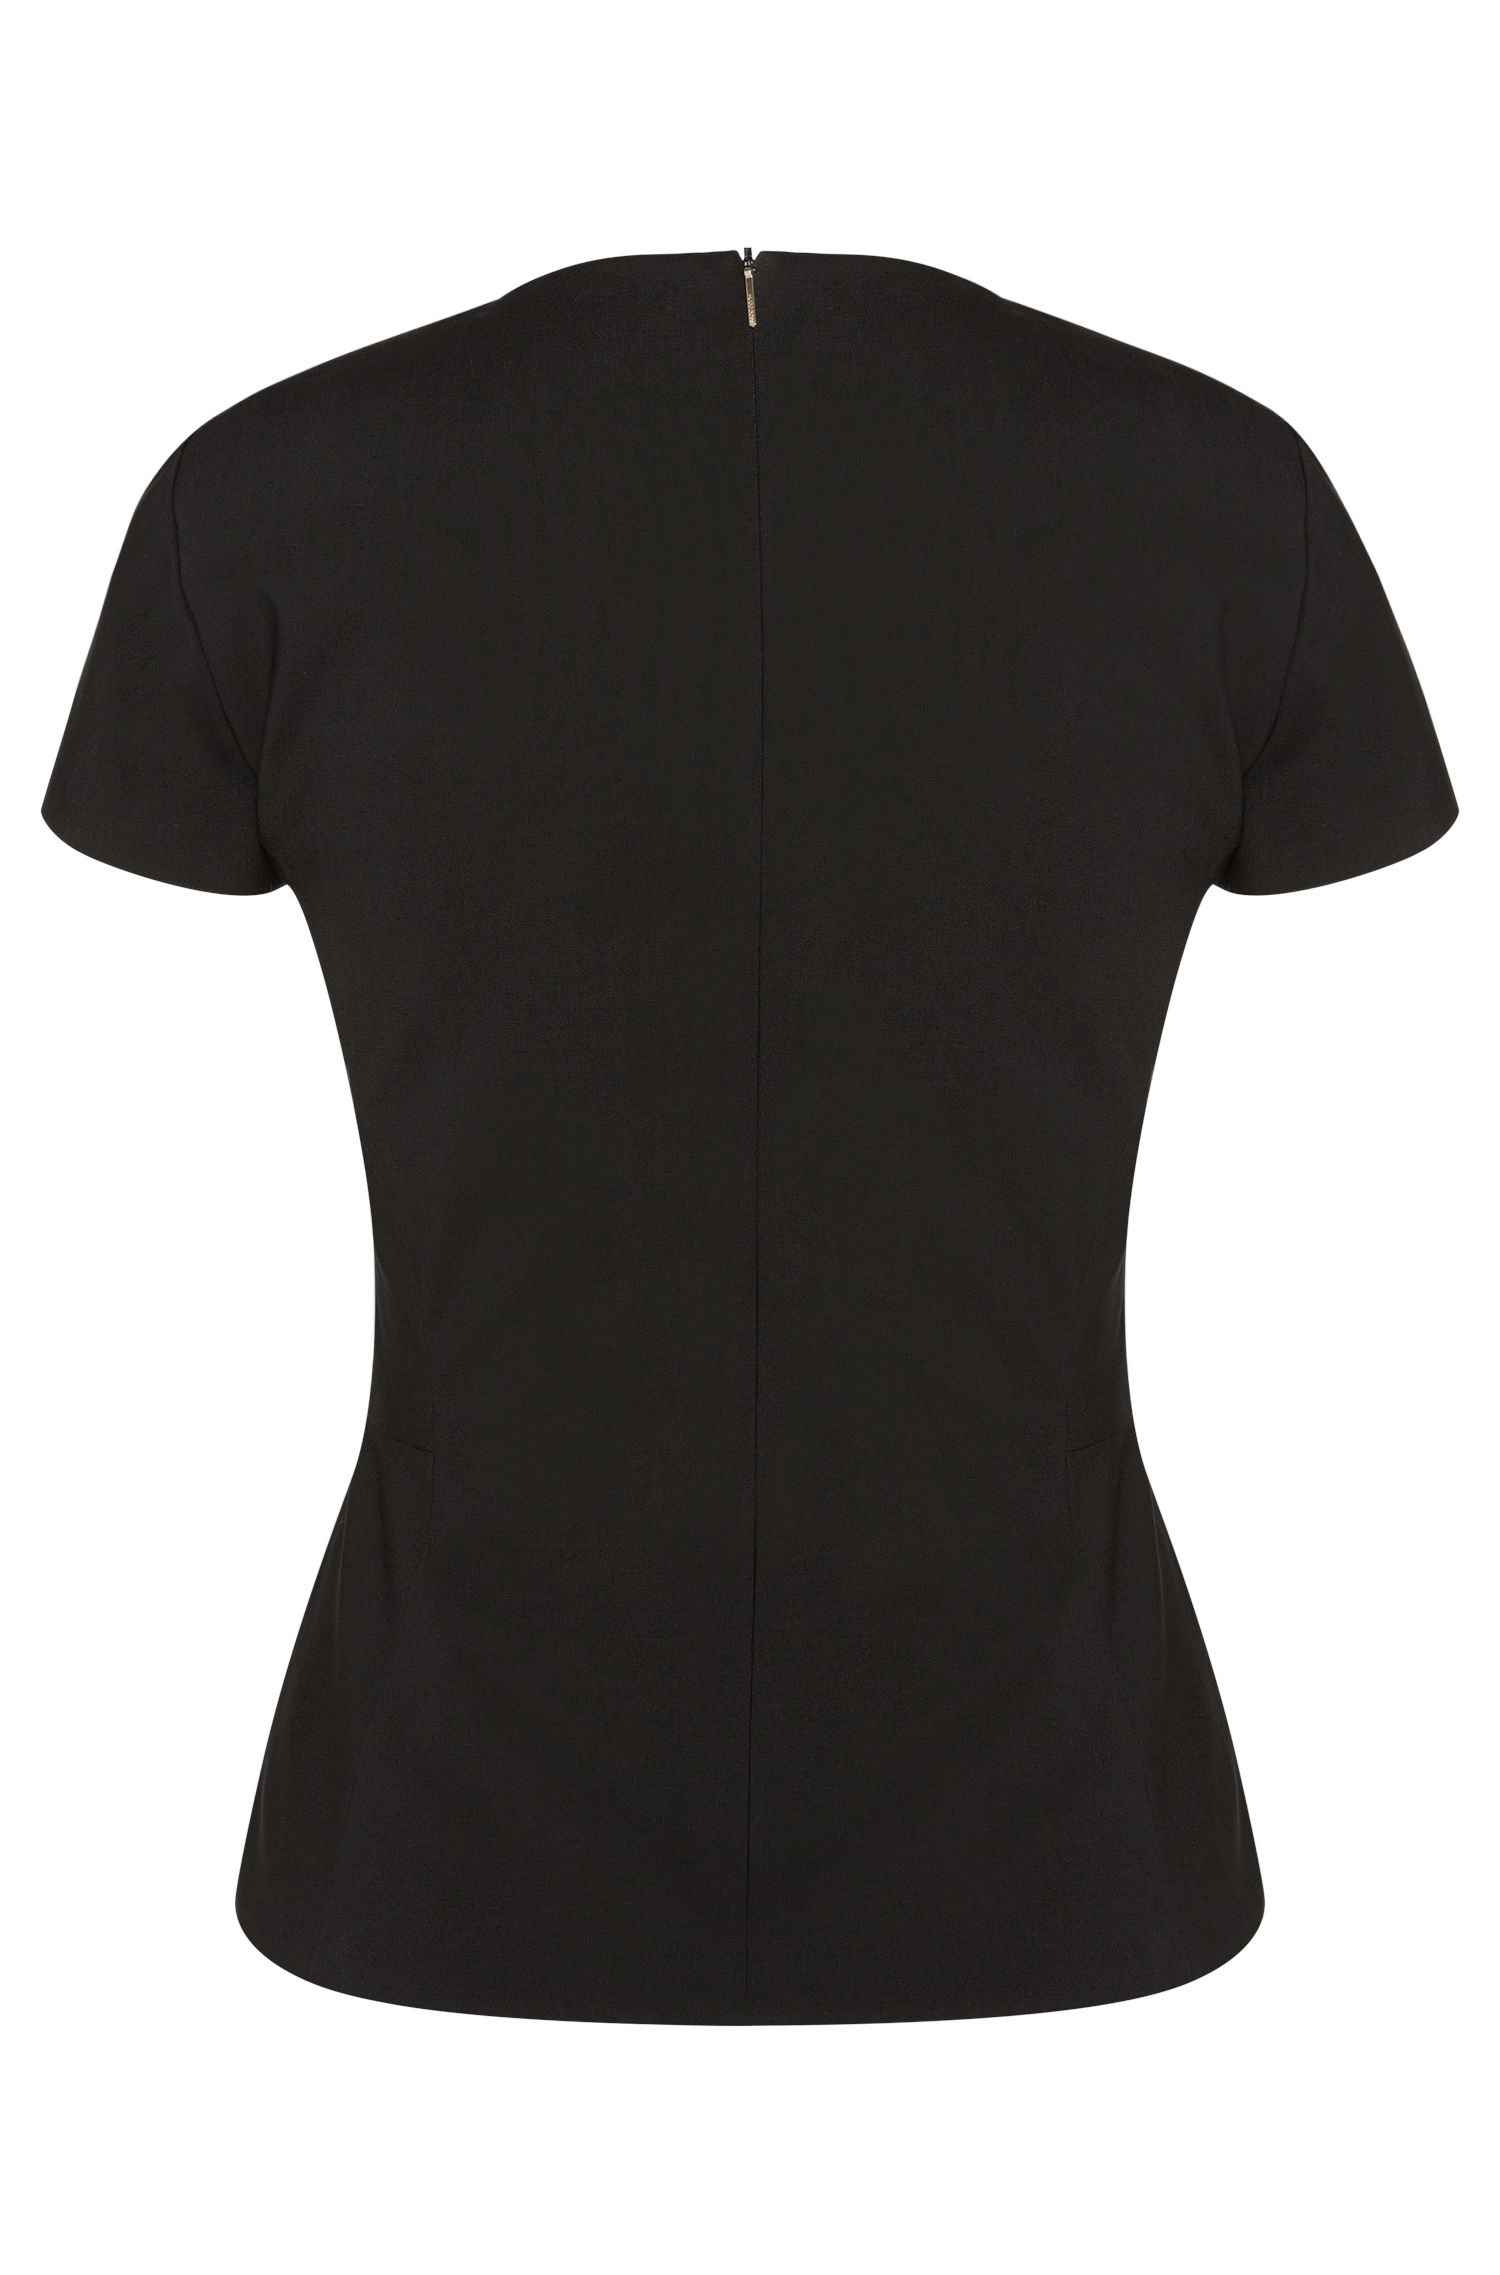 Top aus Stretch-Schurwolle mit leicht transparentem Einsatz: 'Iabina'